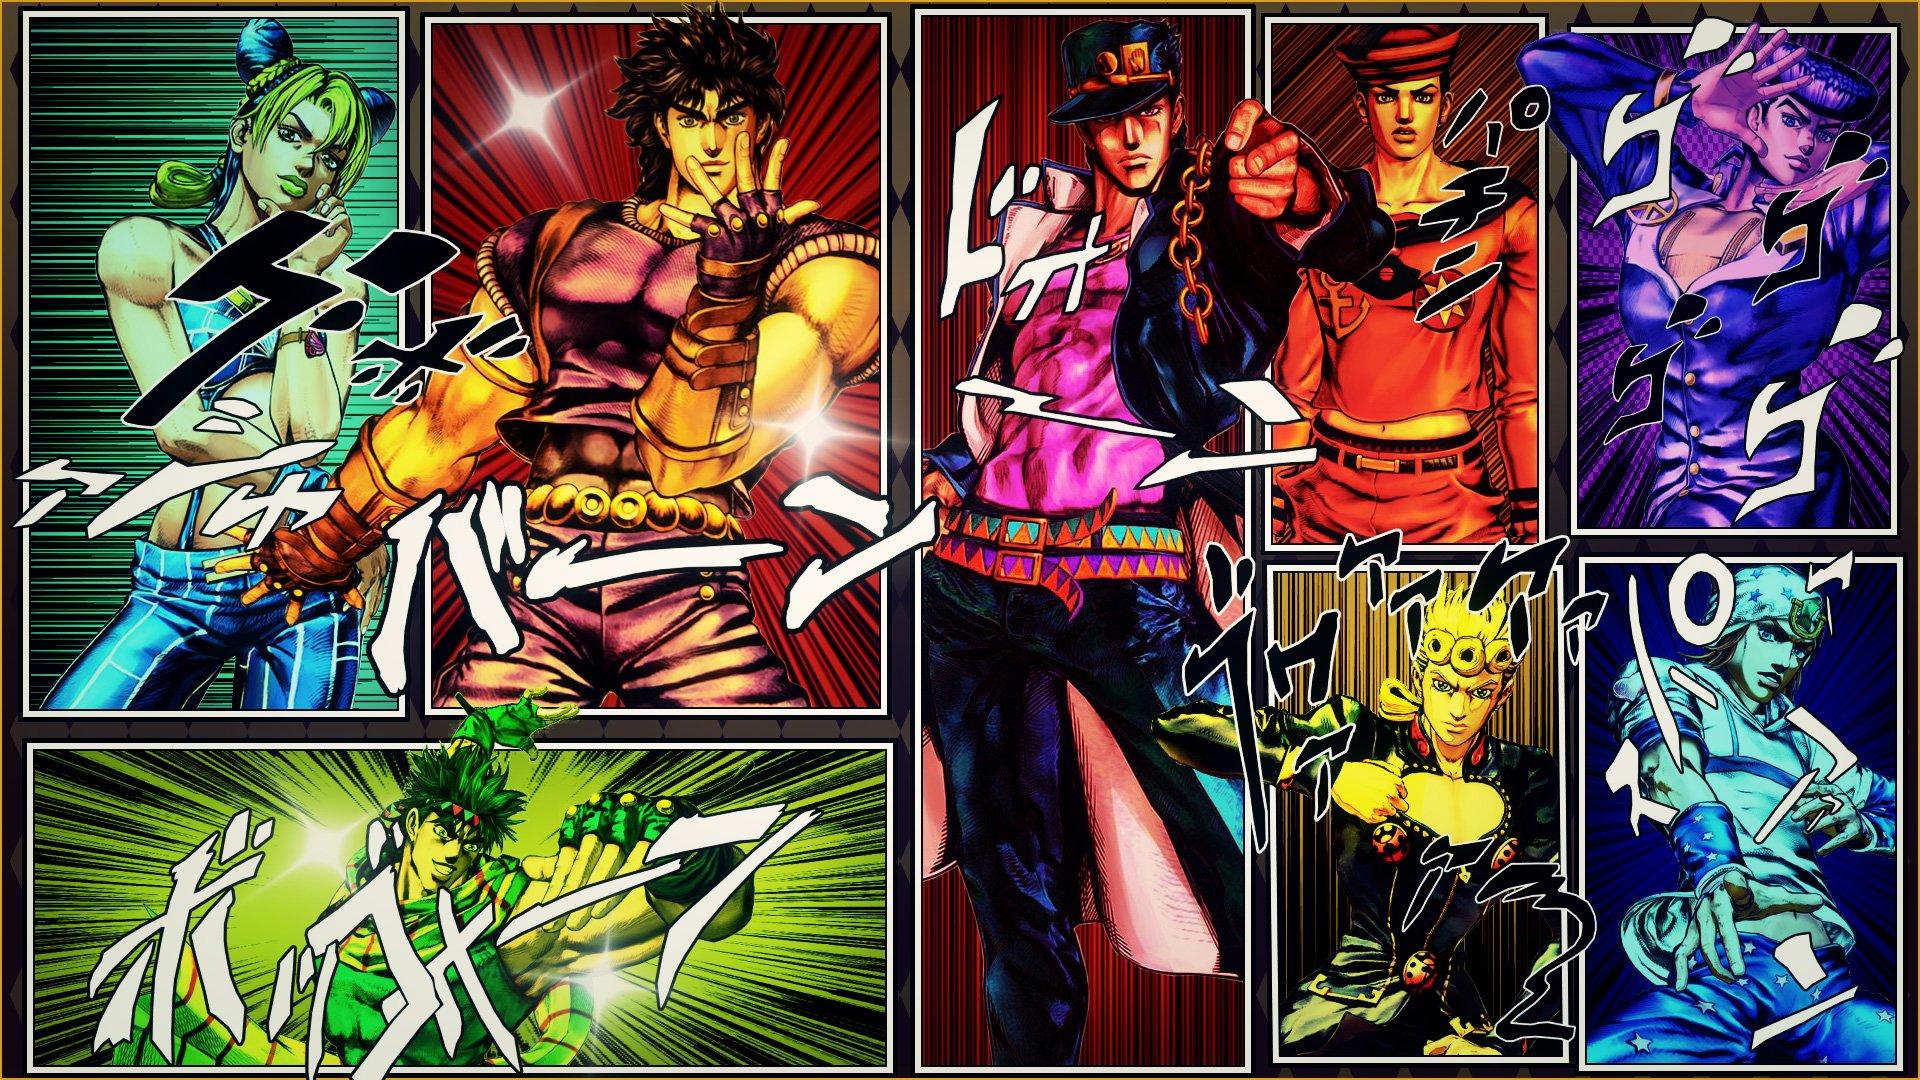 1035 Jojos Bizarre Adventure HD Wallpapers Background Images 1920x1080